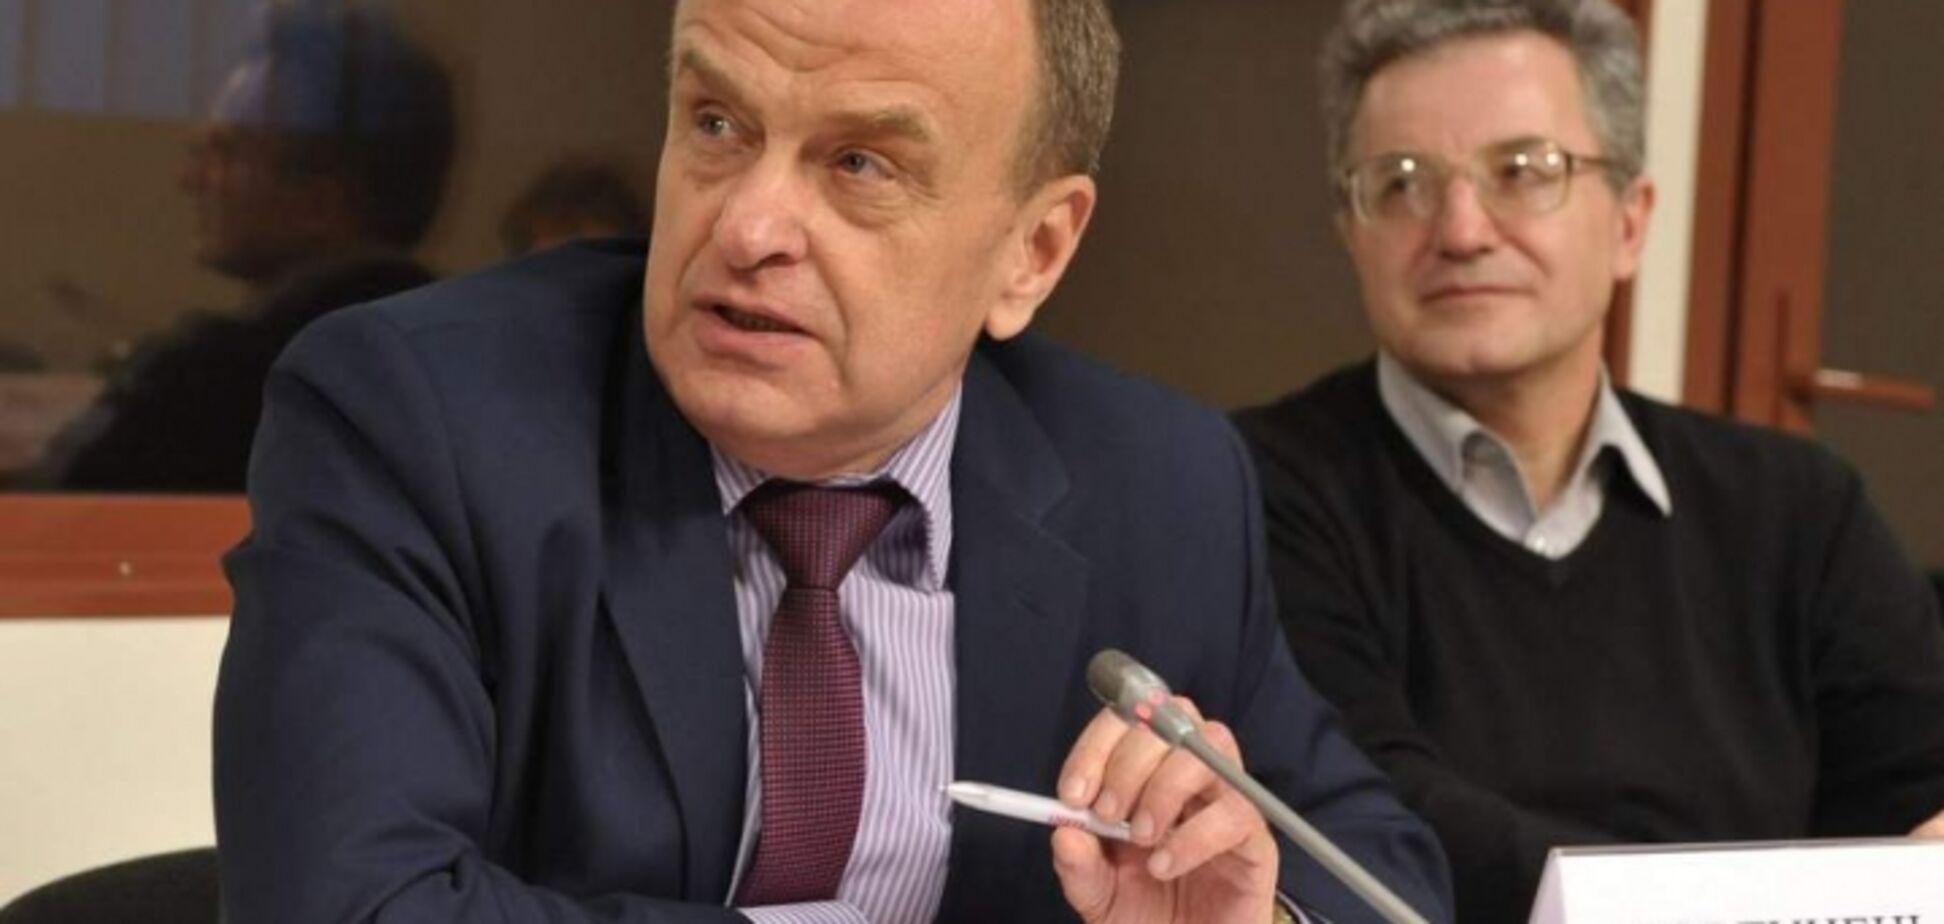 Син заступника міністра України попався на розбої: у Раді висловилися про відставку